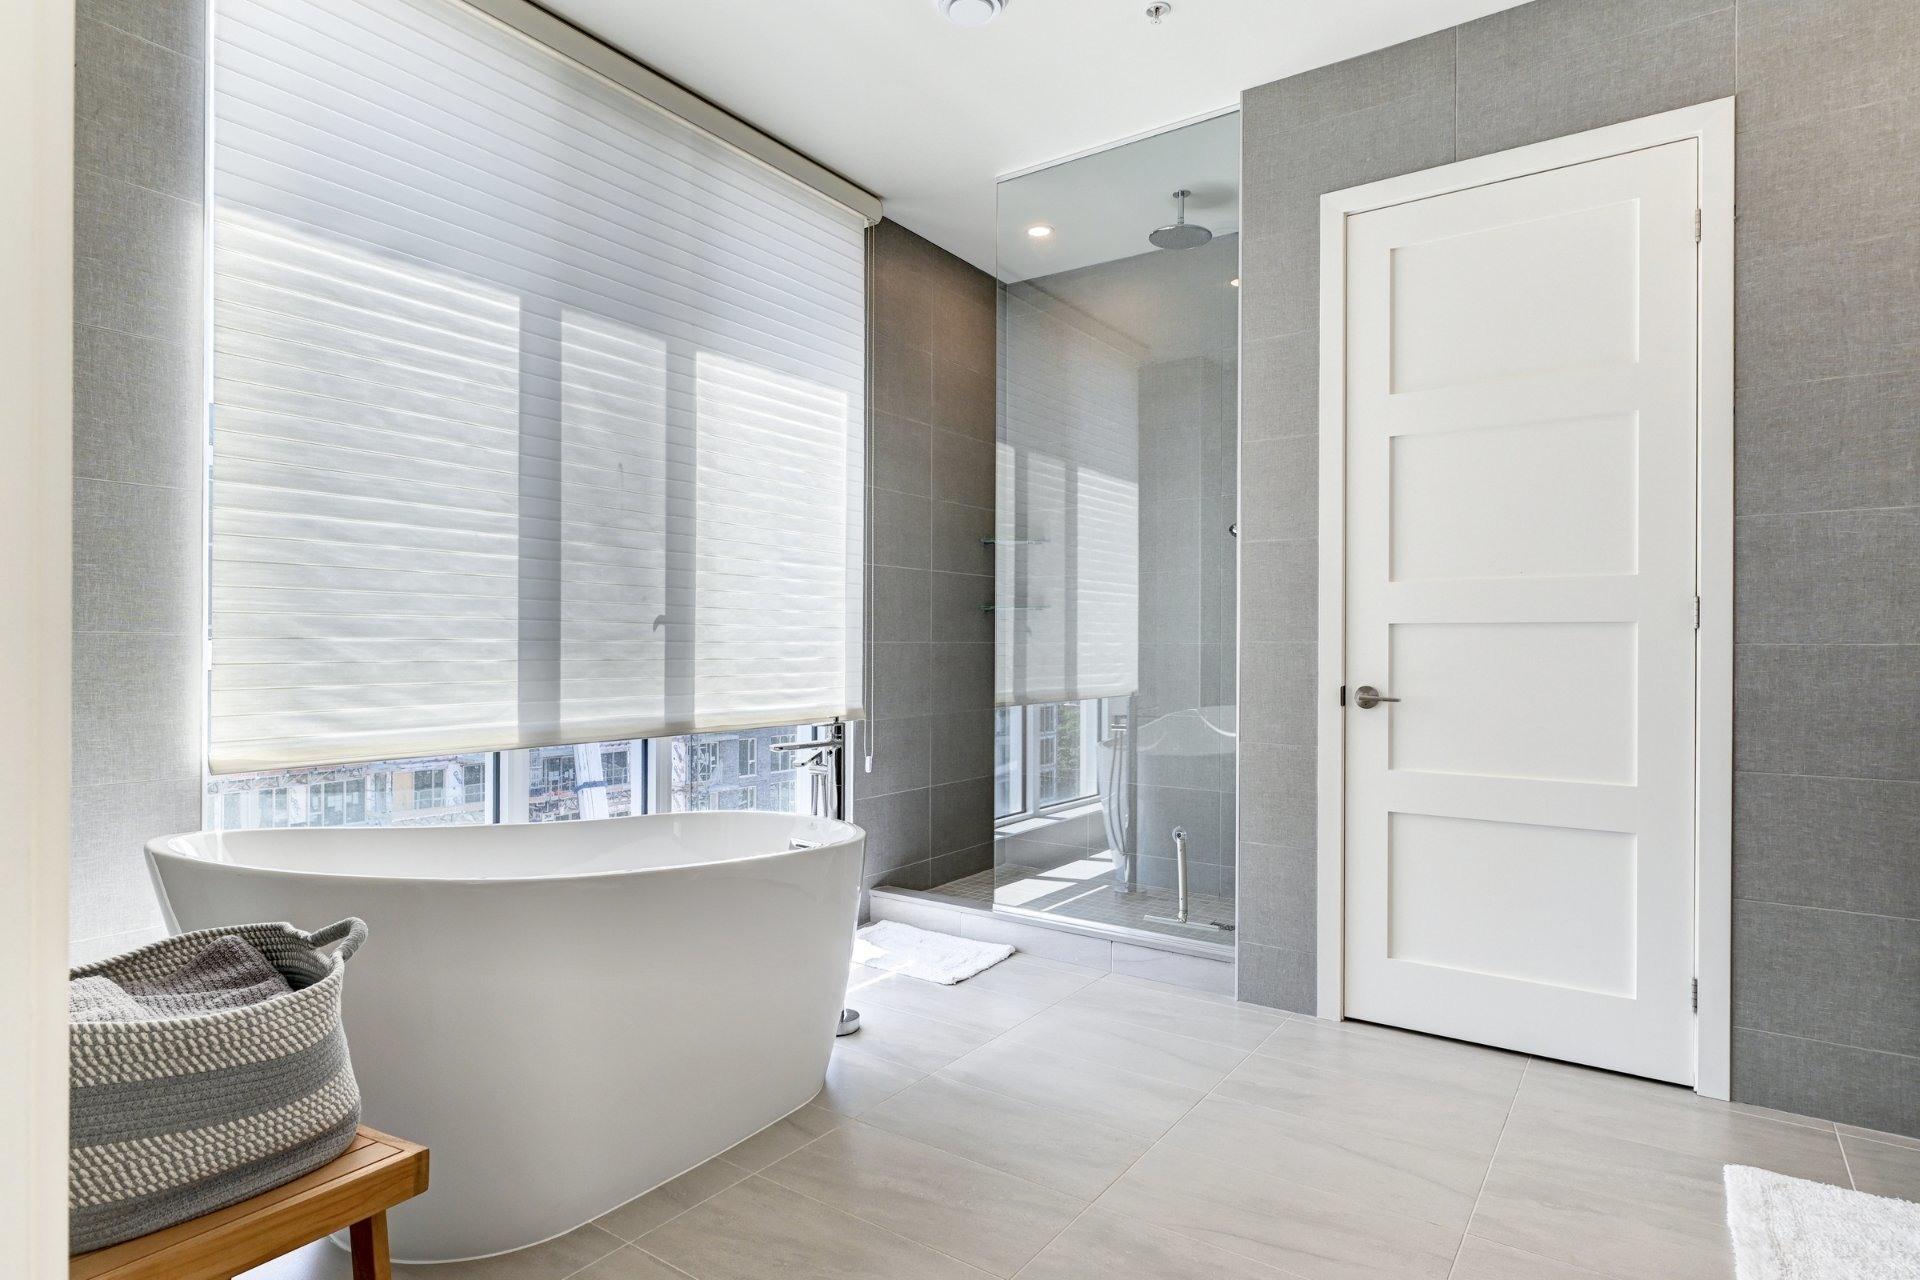 image 23 - Appartement À vendre Côte-des-Neiges/Notre-Dame-de-Grâce Montréal  - 16 pièces